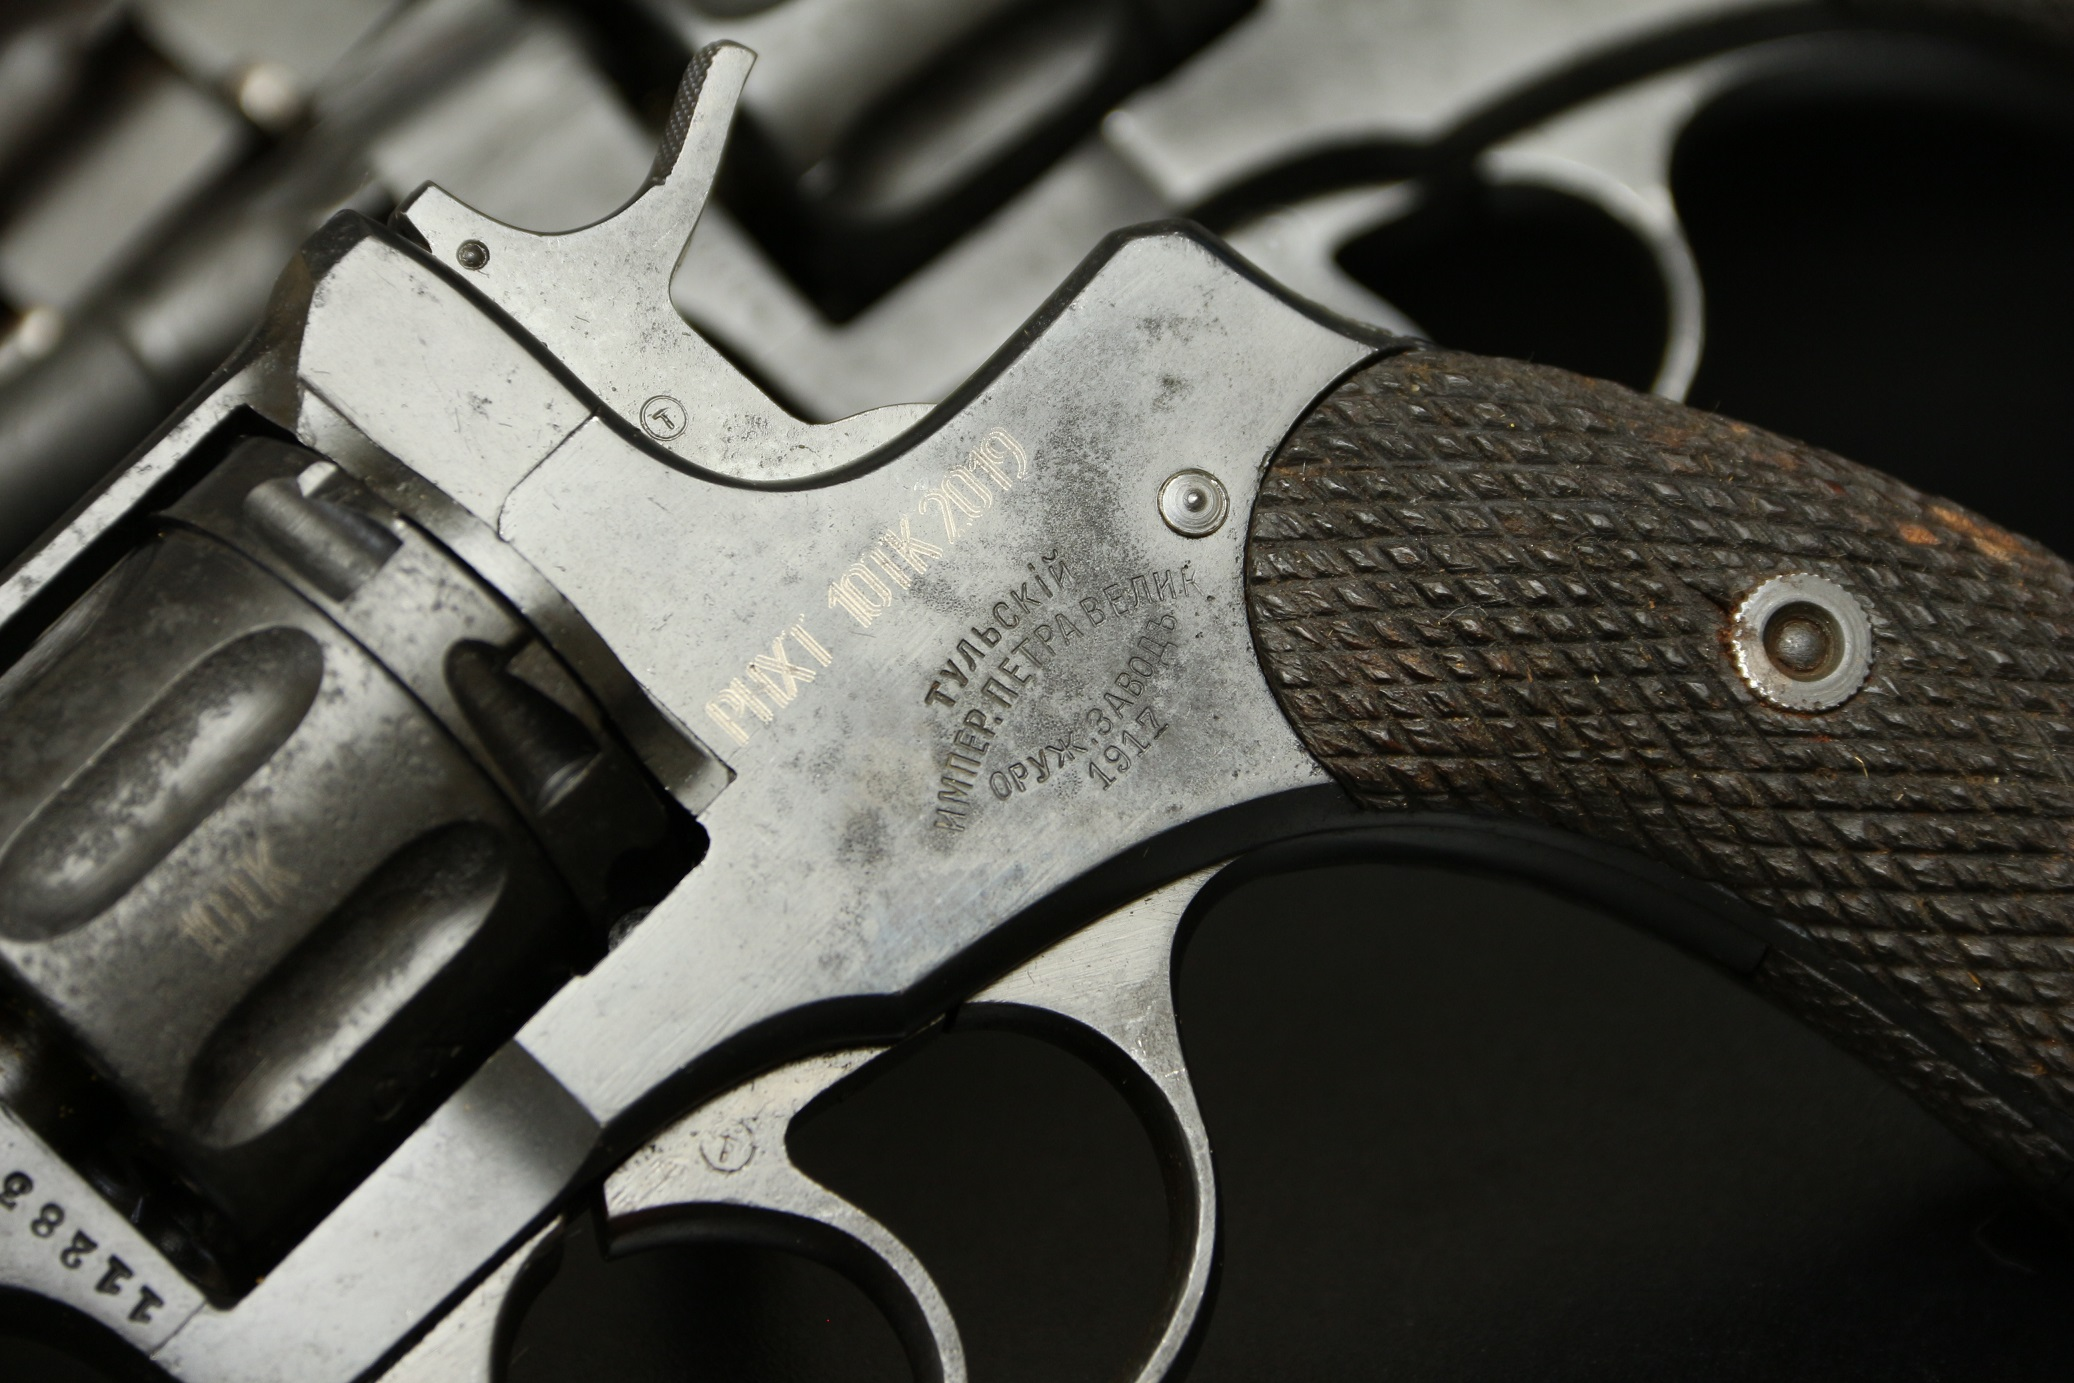 Фото Охолощенный револьвер Наган 1917 года №11283, революция